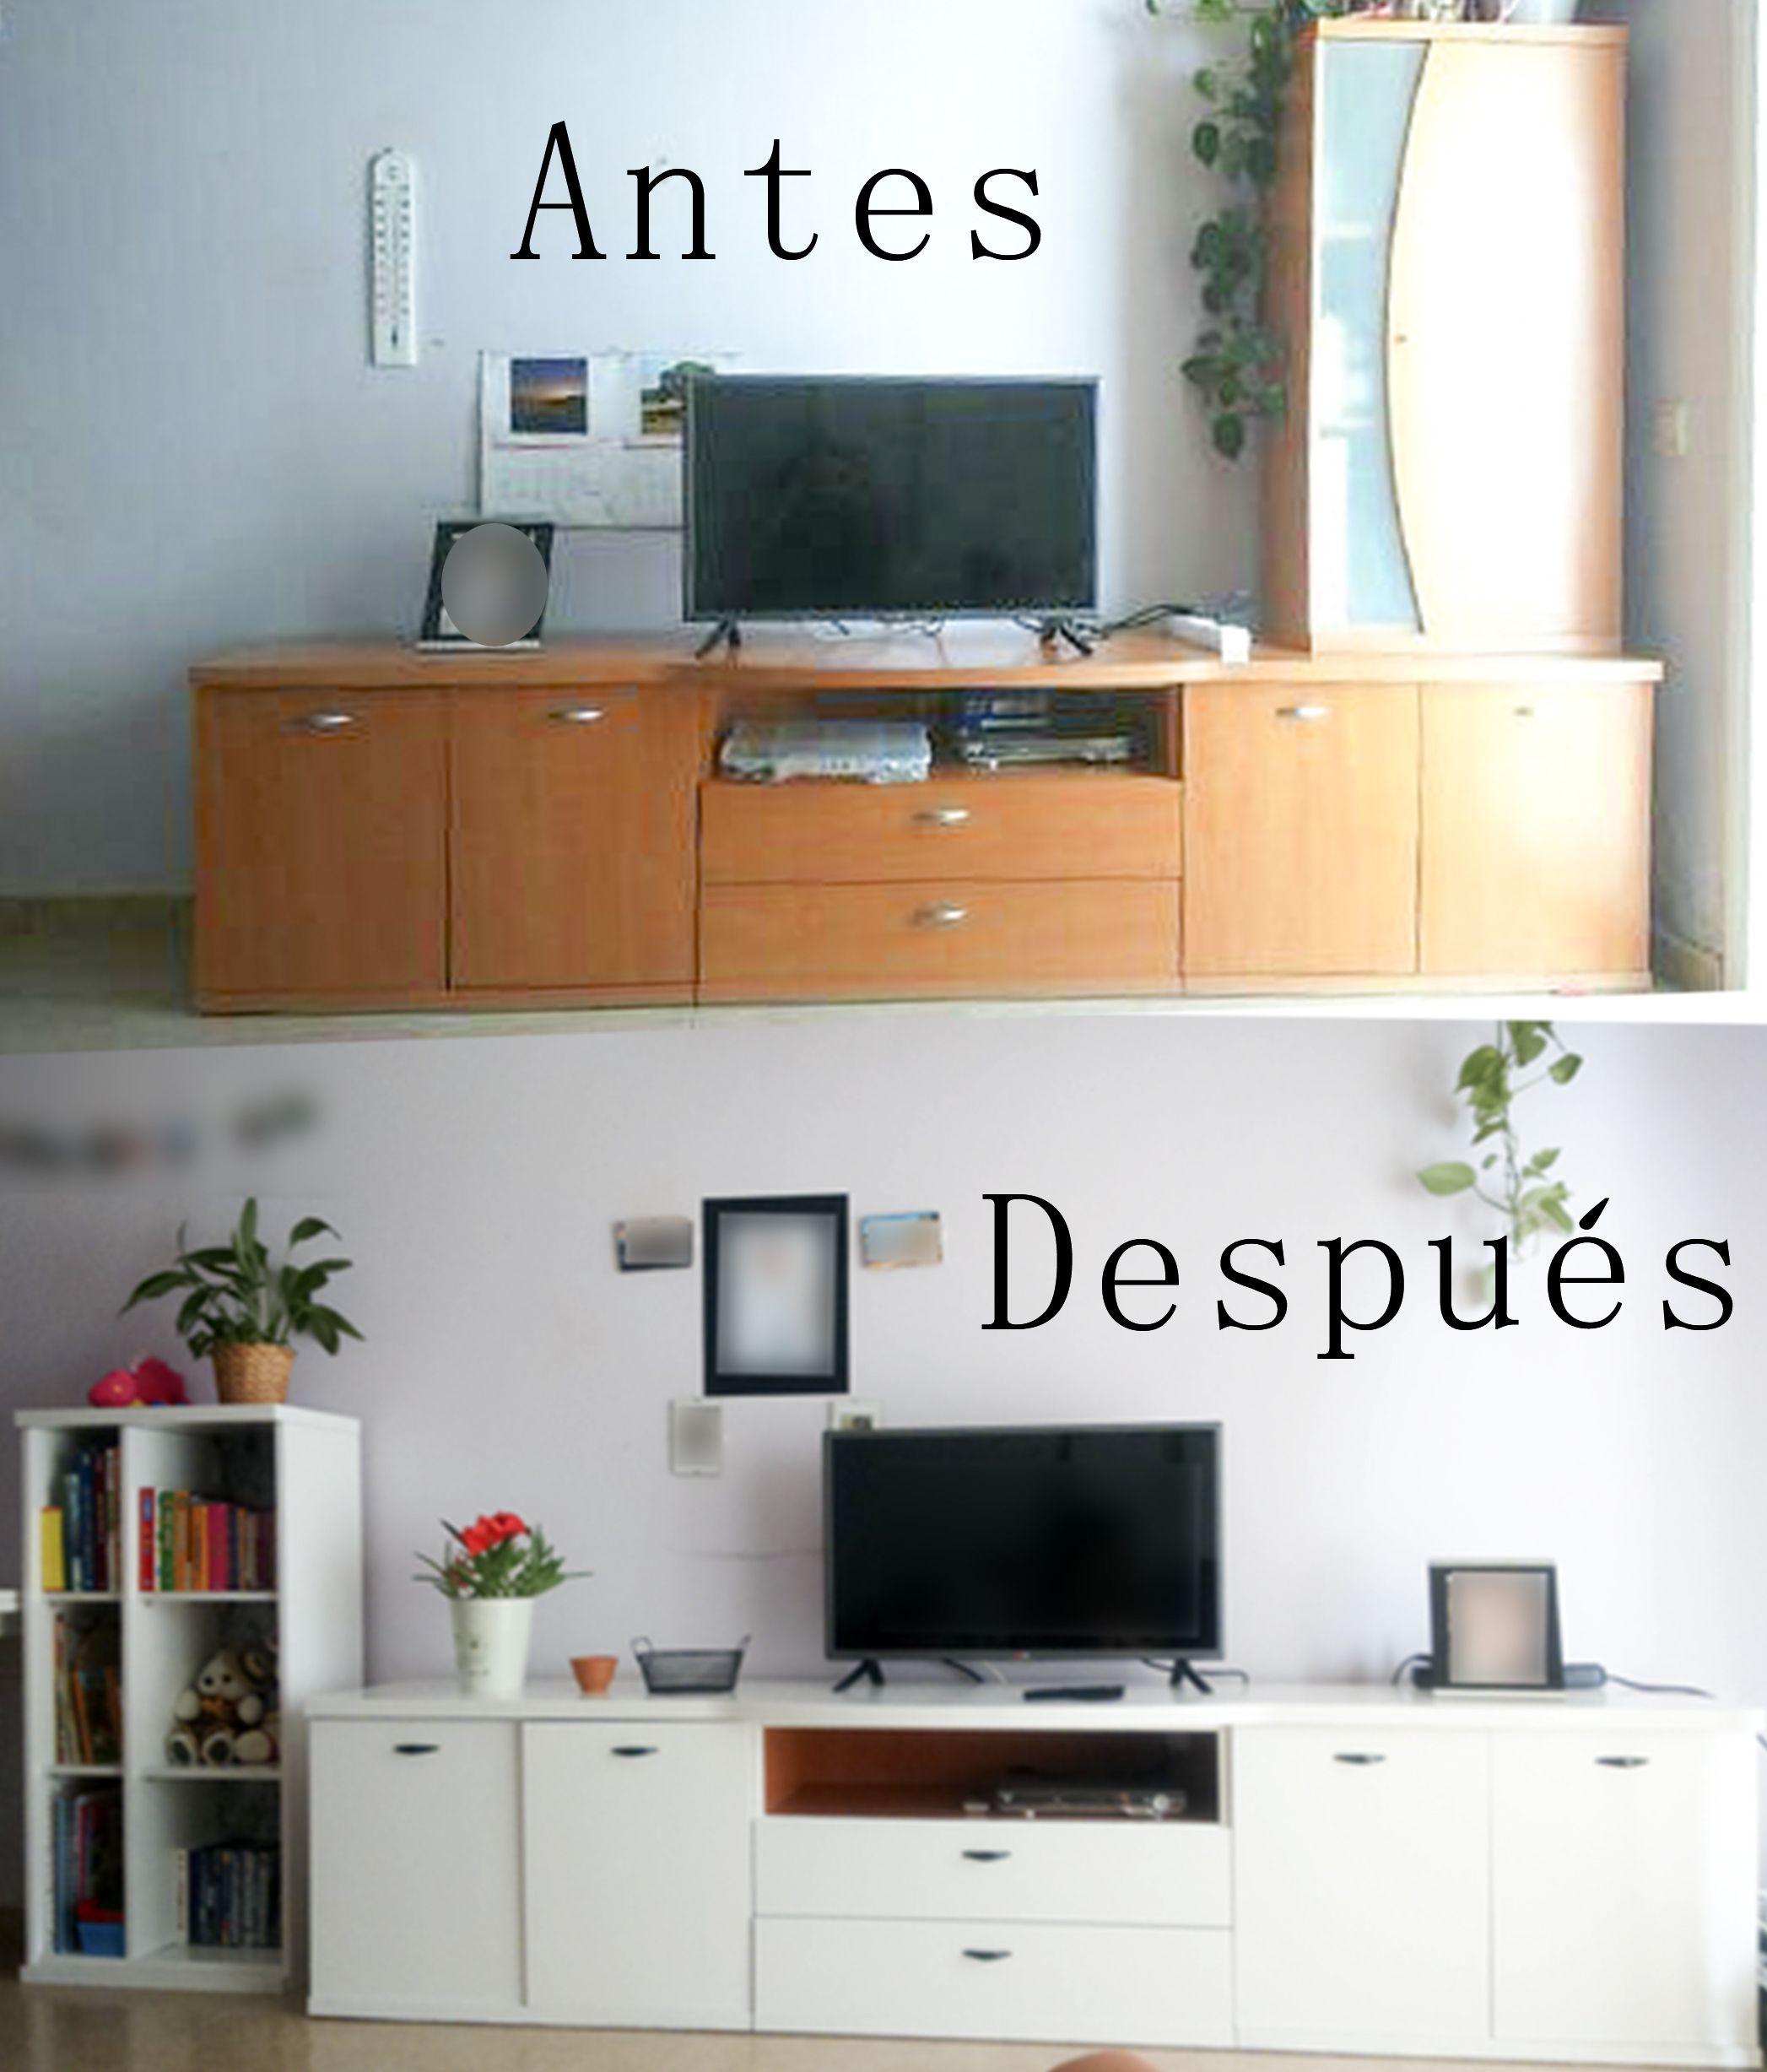 restauracin muebles es necesario segunda mano azulejos bricolaje todo cocina pintura suero